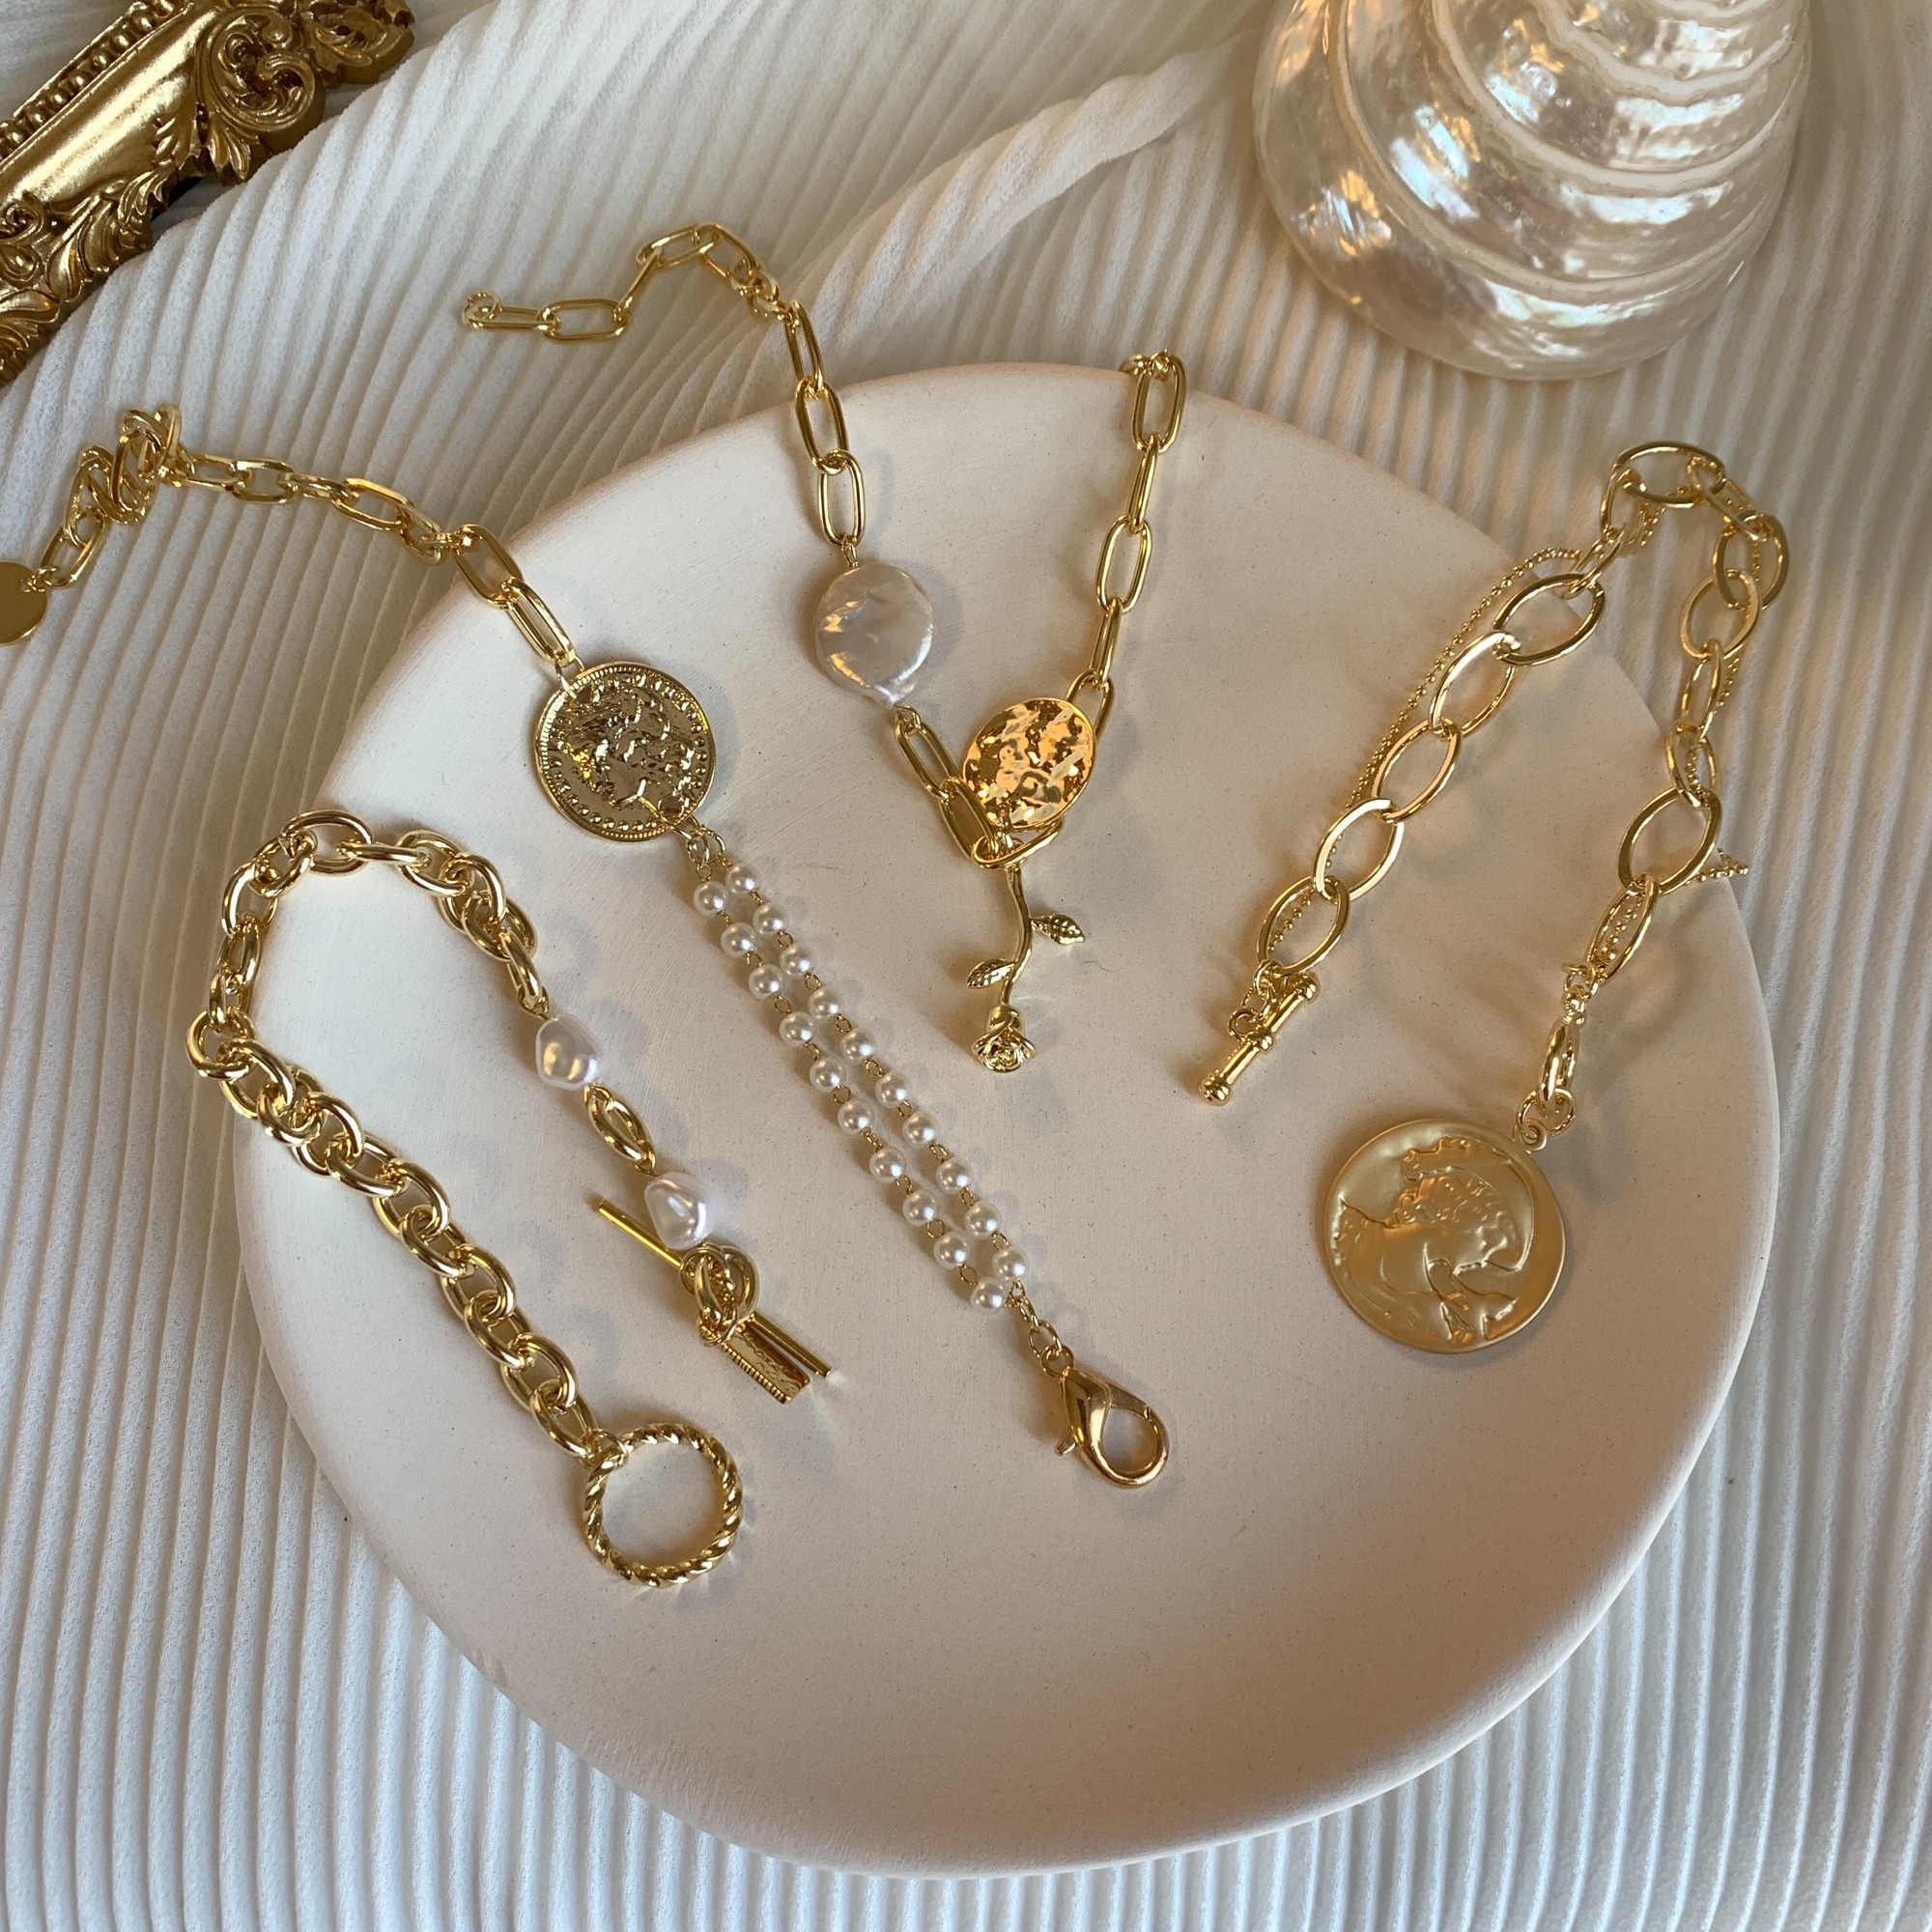 HUANZHI 2019 חדש הבארוק סדיר חיקוי פניני זהב מתכת קישור שרשרת צמידי לנשים ילדה קיץ המפלגה תכשיטים